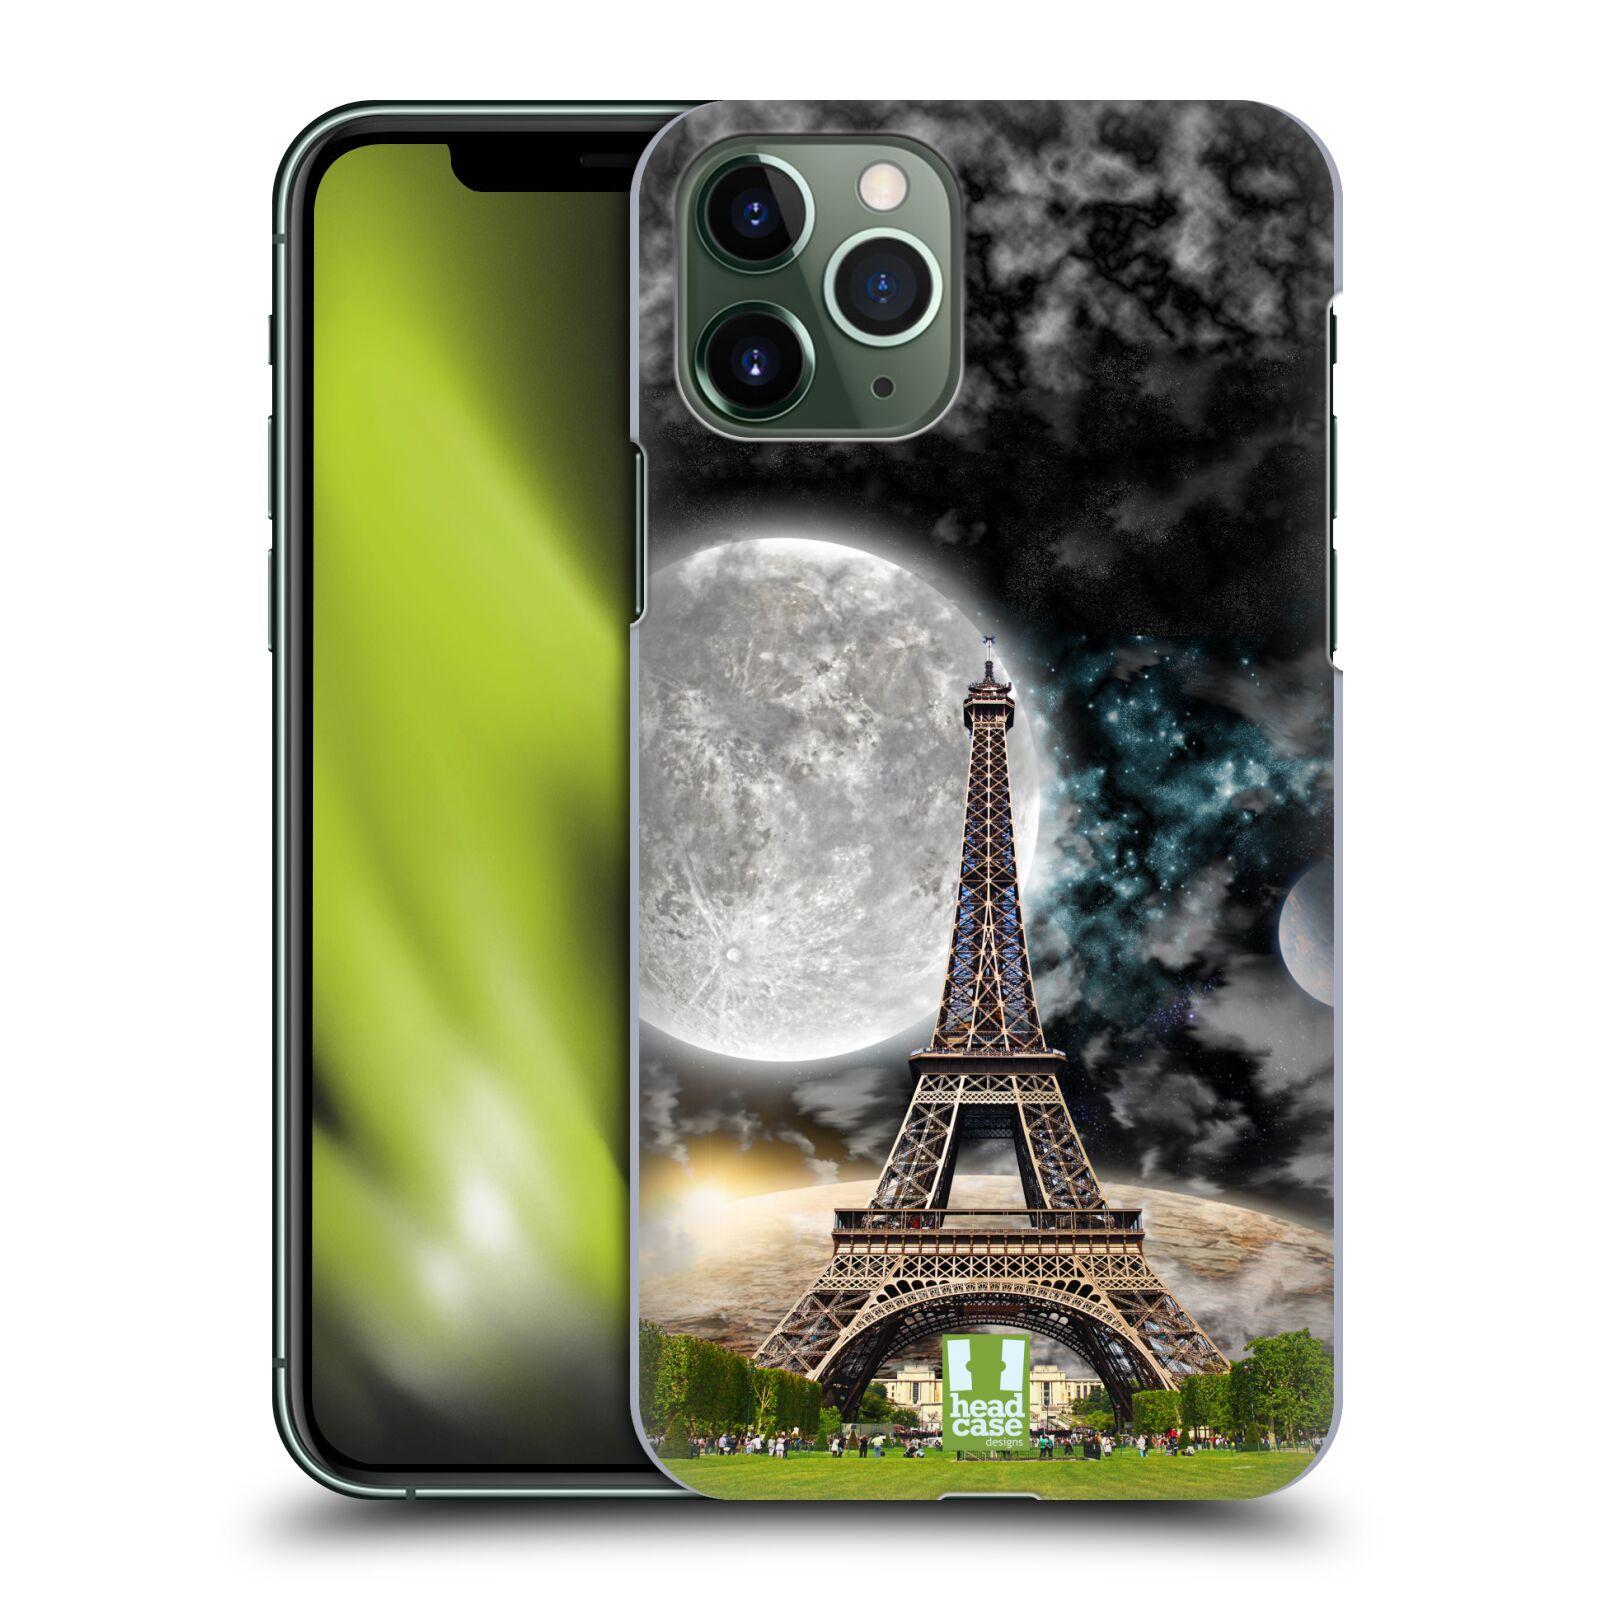 zadní obaly iphone 7 plus | Plastové pouzdro na mobil Apple iPhone 11 Pro - Head Case - Měsíční aifelovka